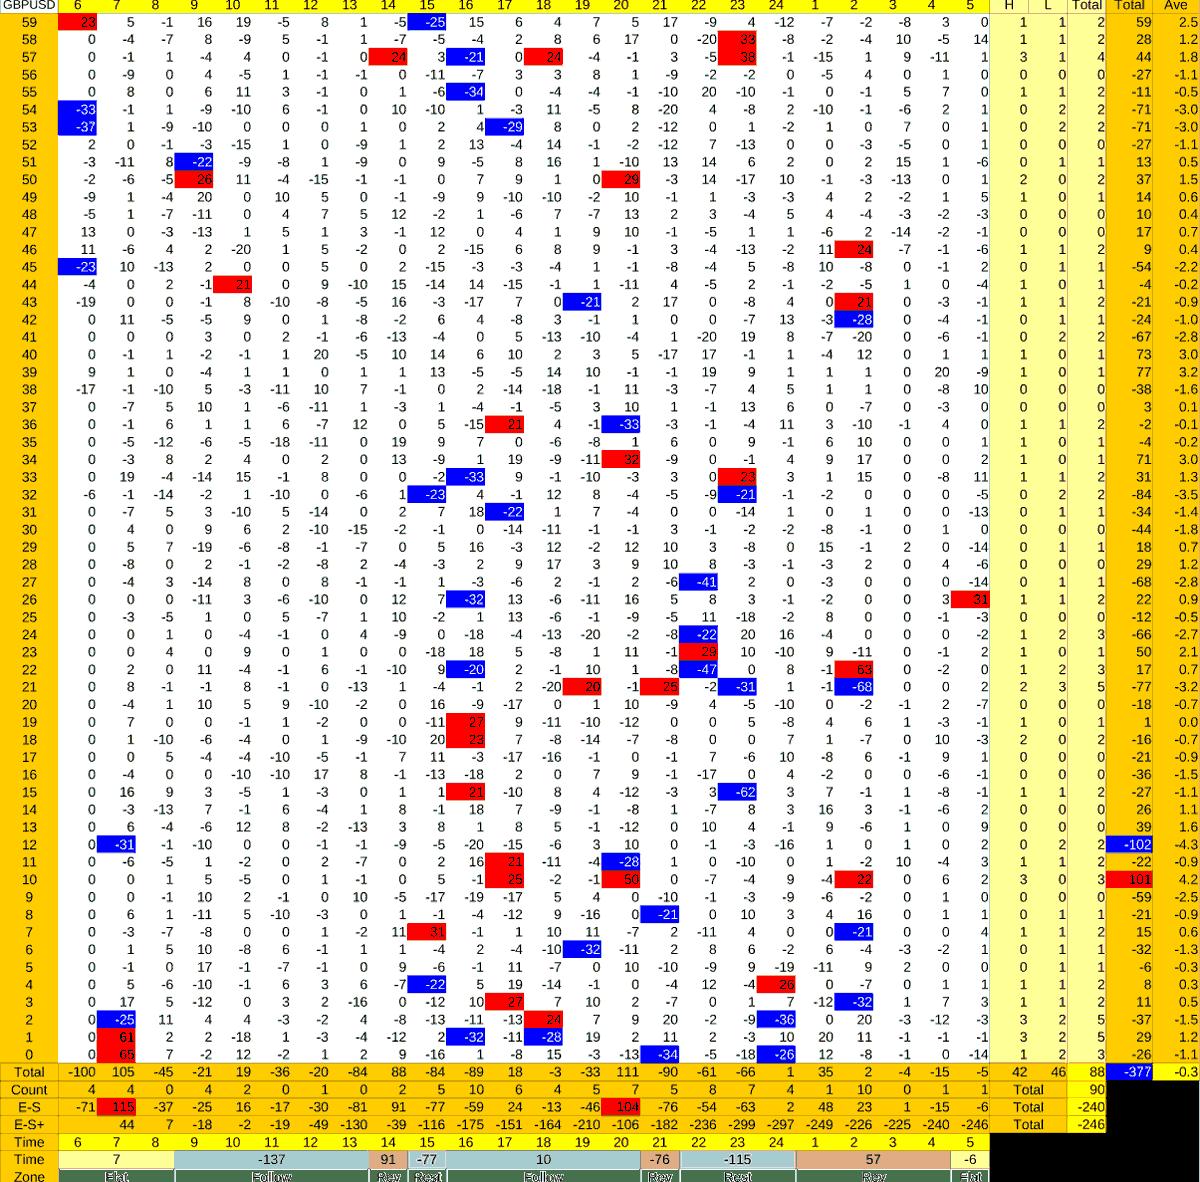 20210906_HS(2)GBPUSD-min